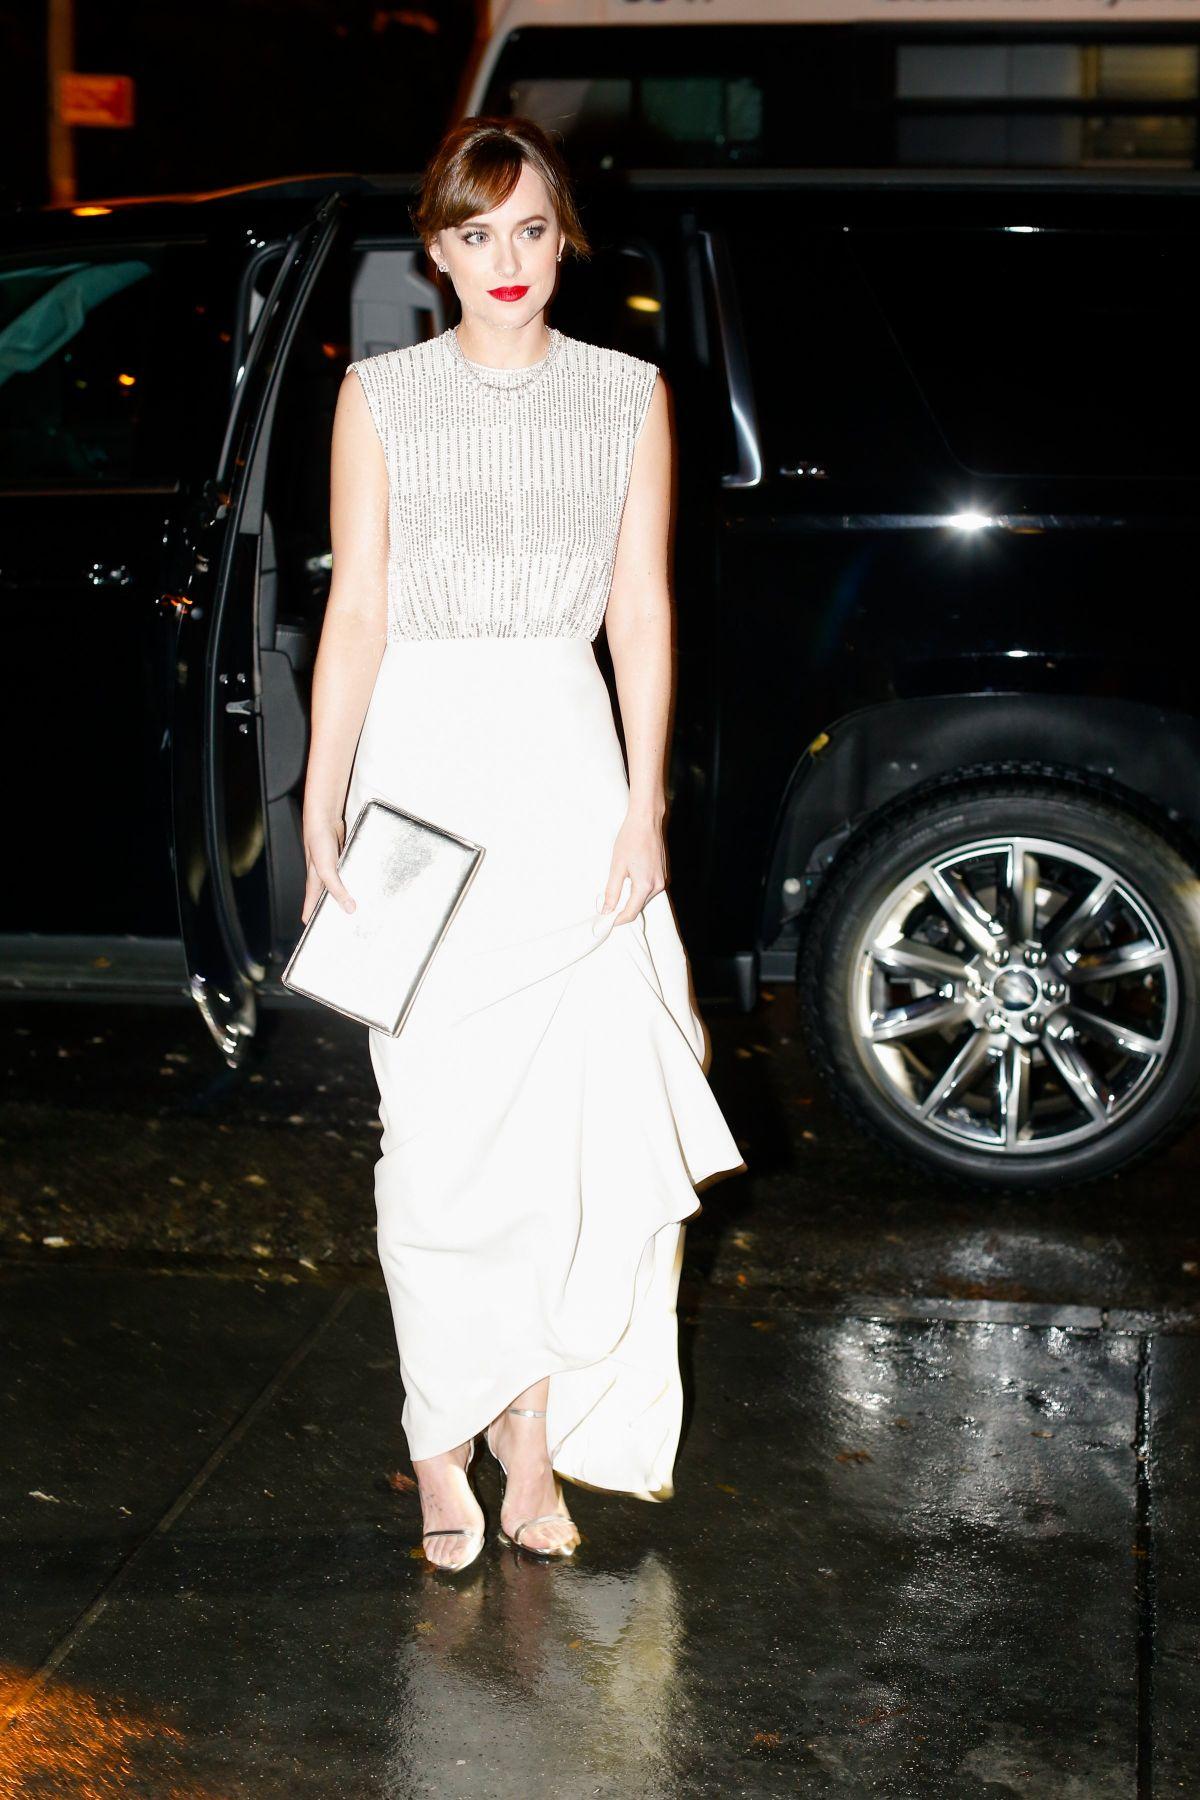 DAKOTA JOHNSON Arrives at Guggenheim International Gala Dinner by Dior in New York 11/05/2015